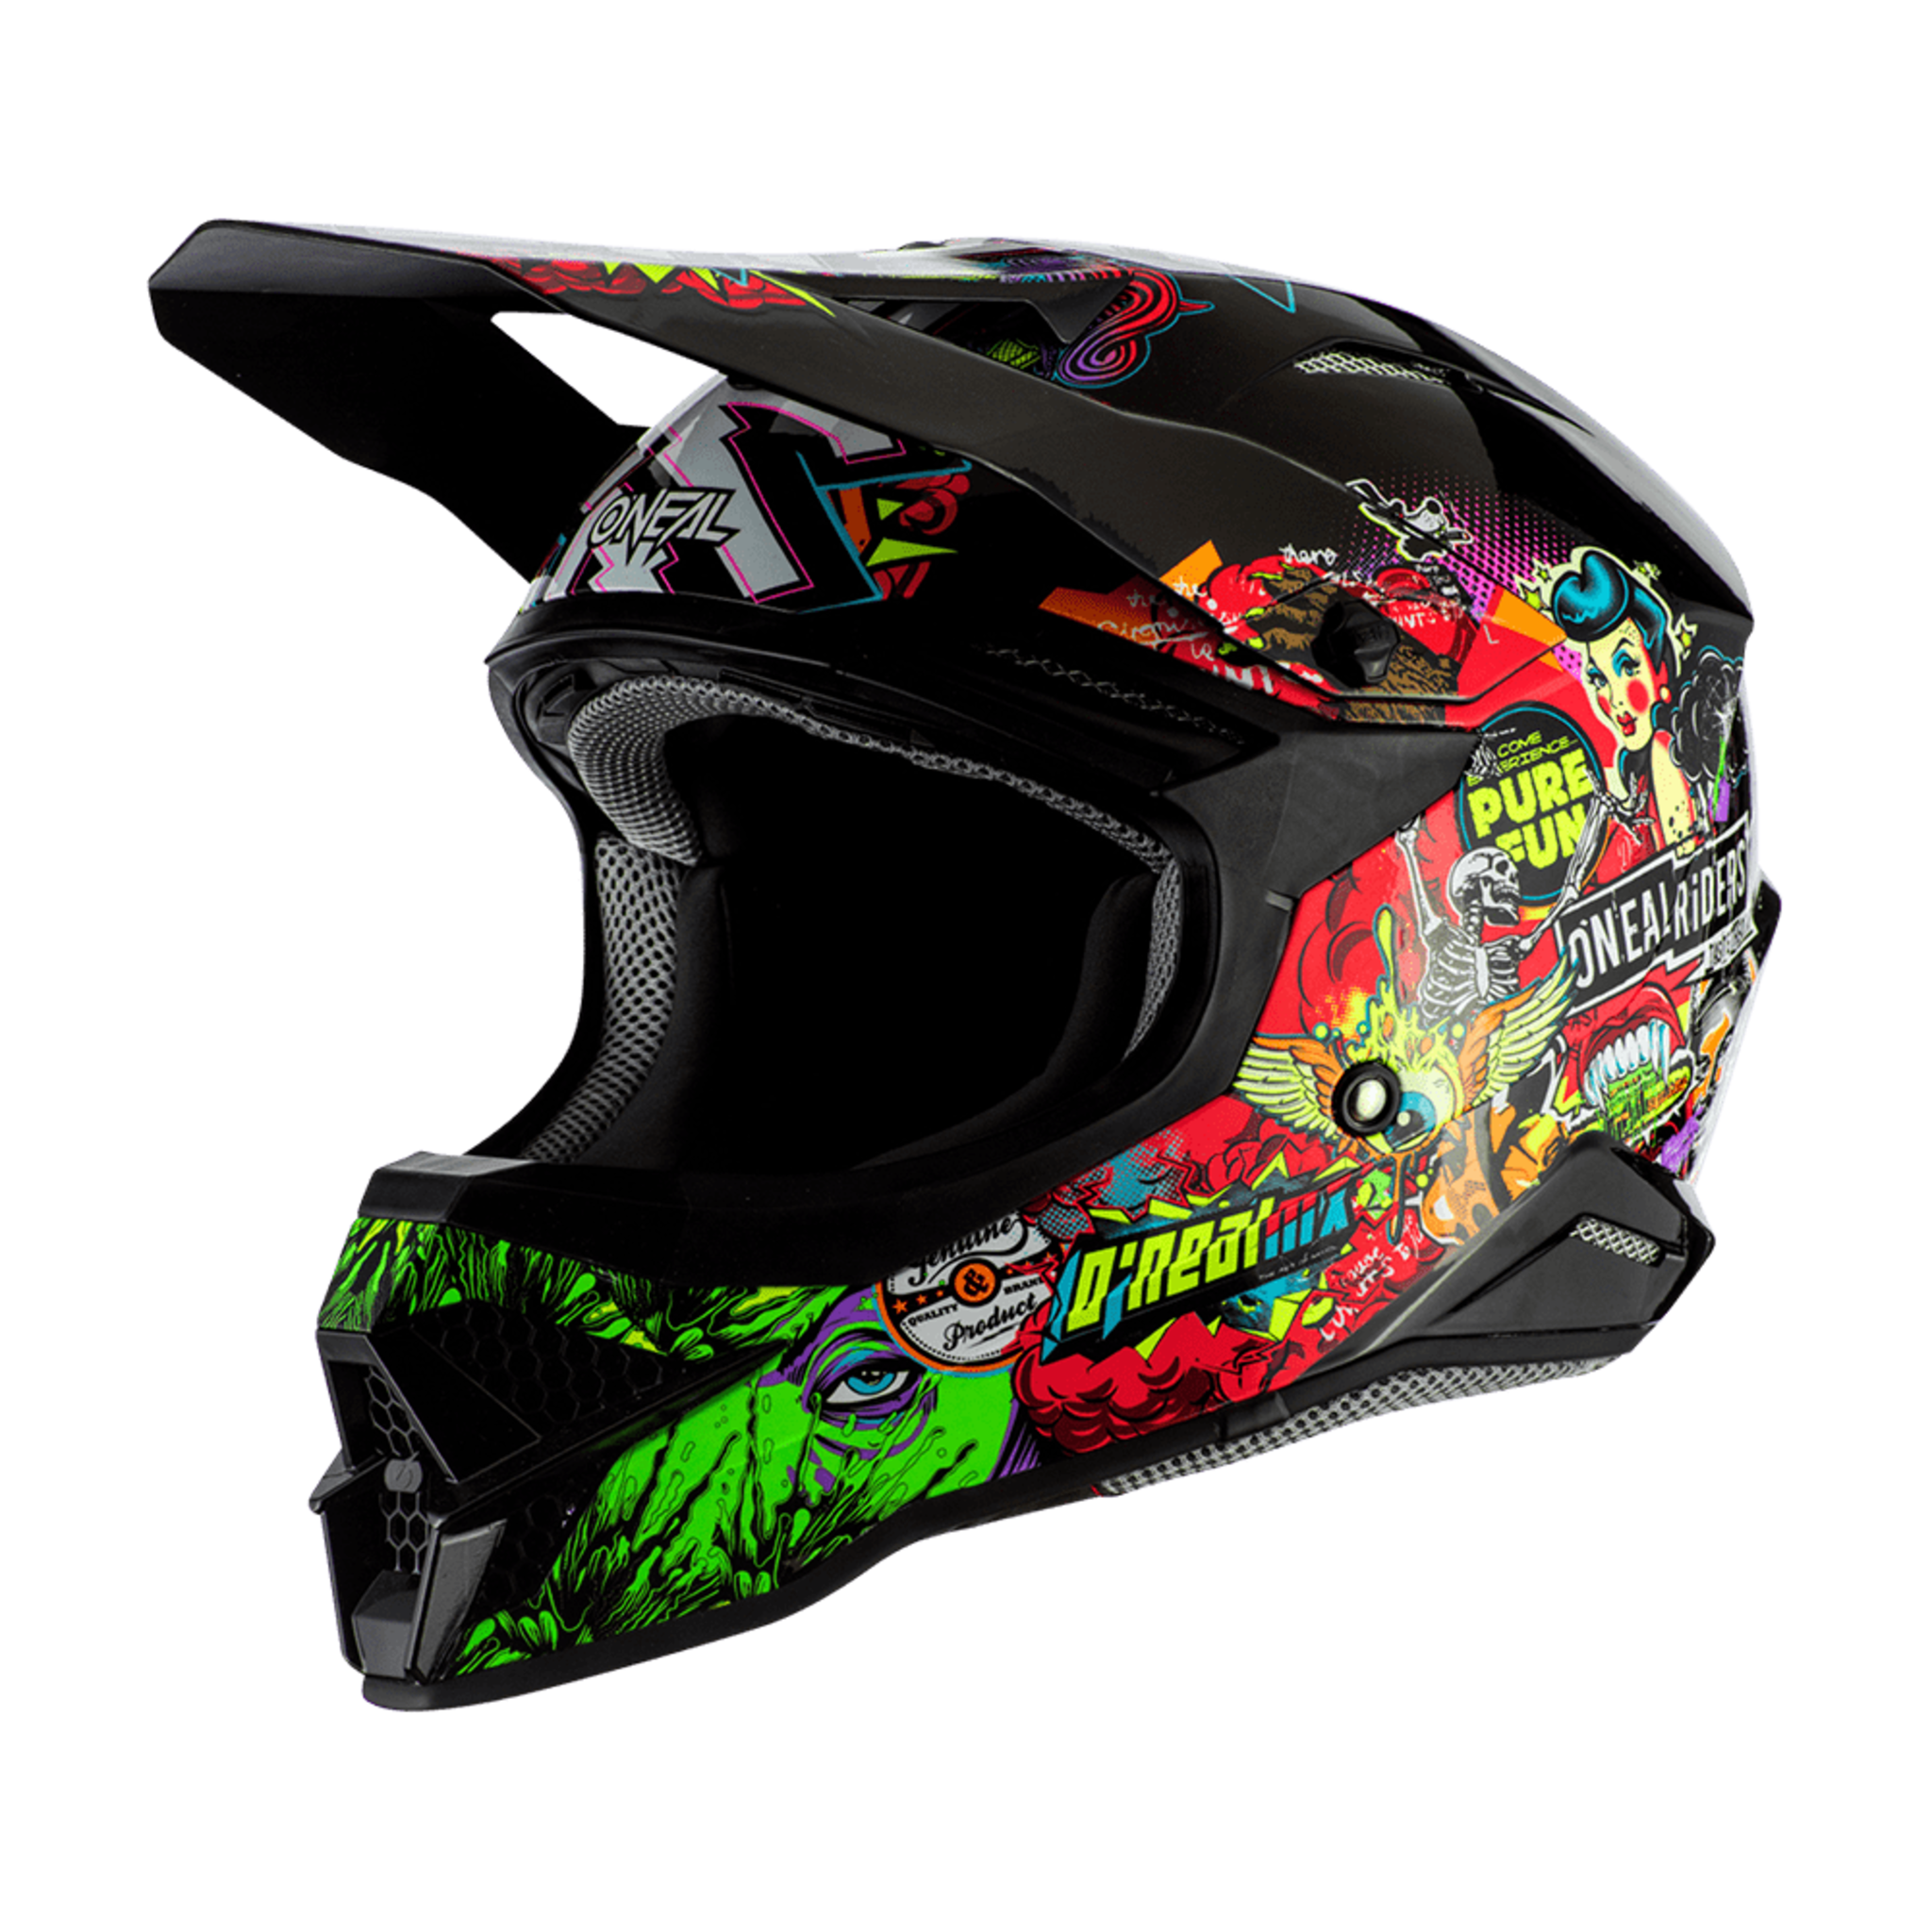 Шлем кроссовый O'NEAL 3Series Crank 2.0